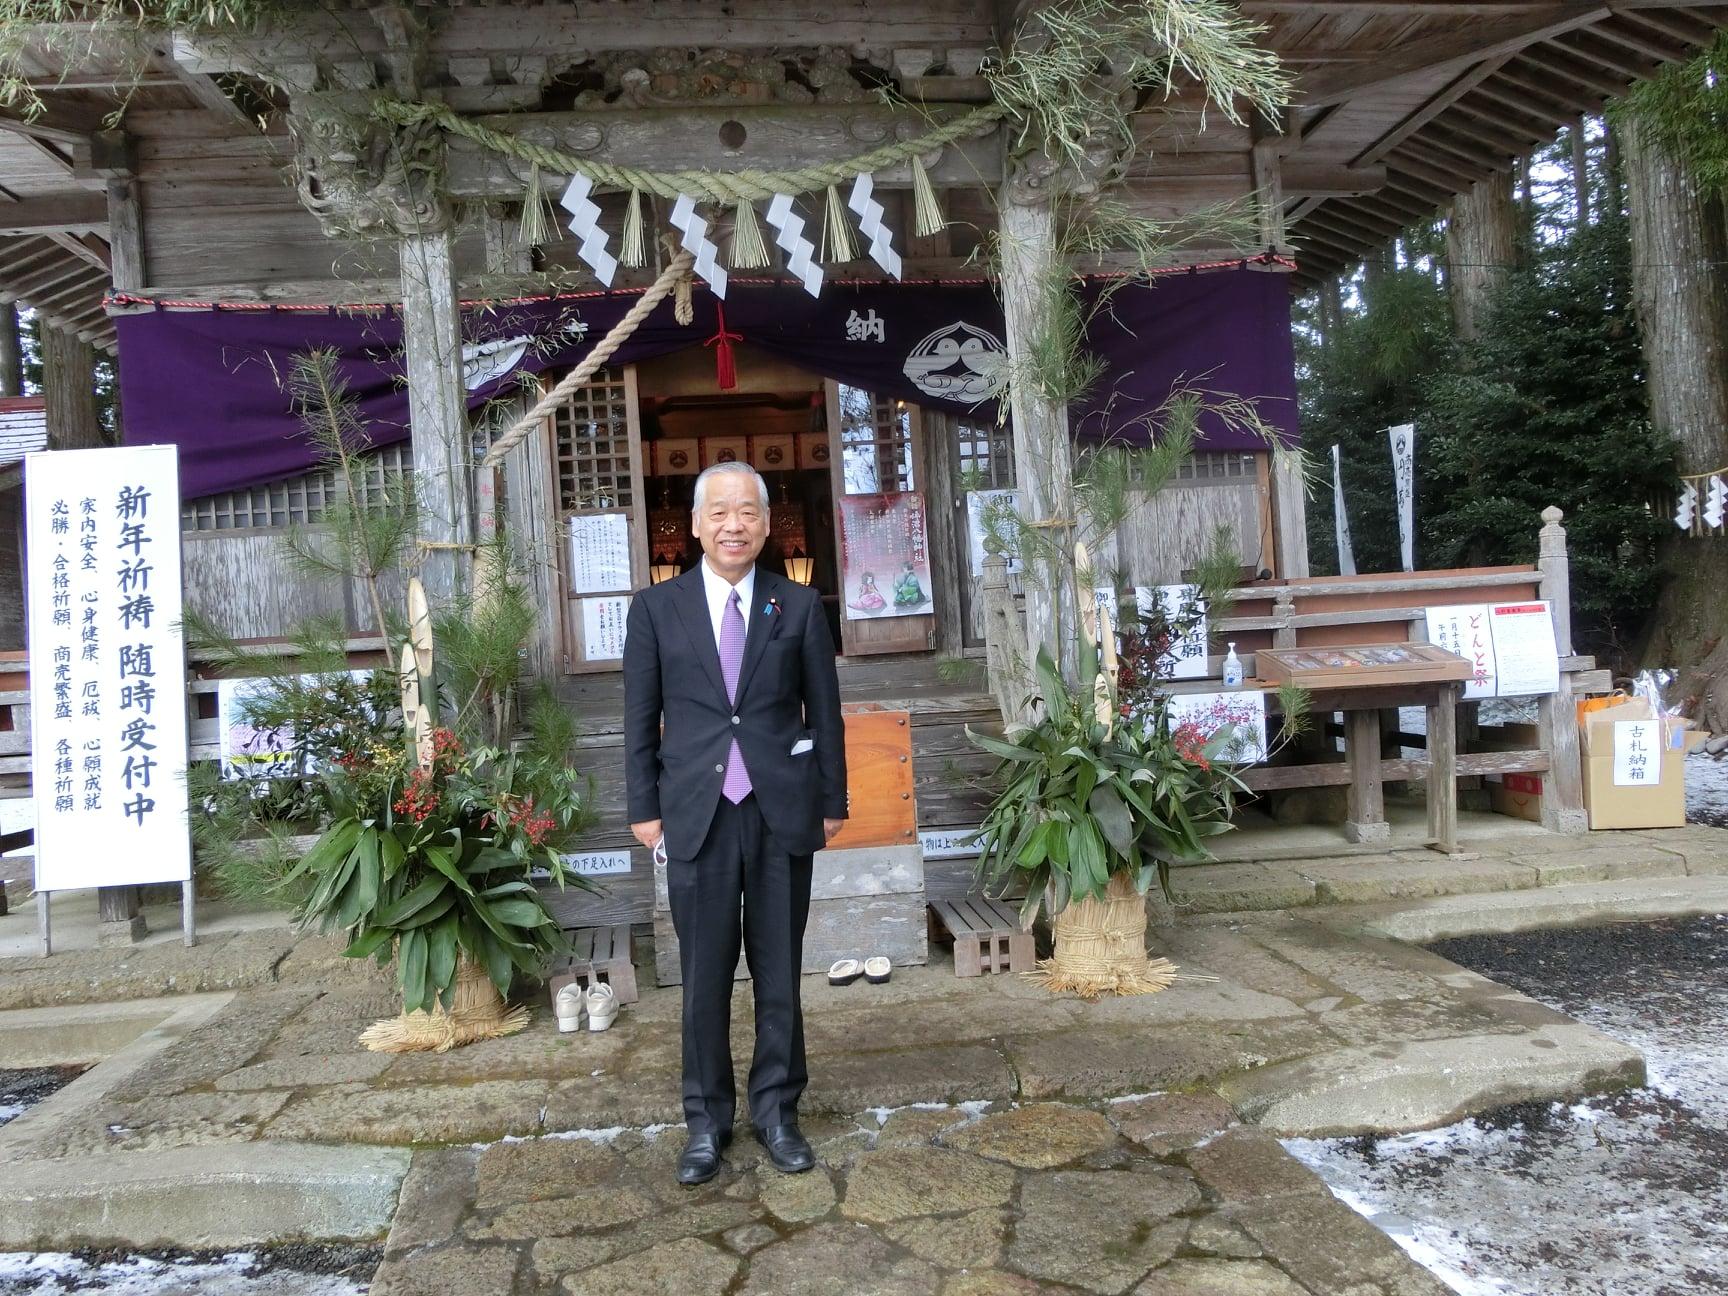 令和3年1月3日 坪沼神社にて新年祈祷をおこないました。